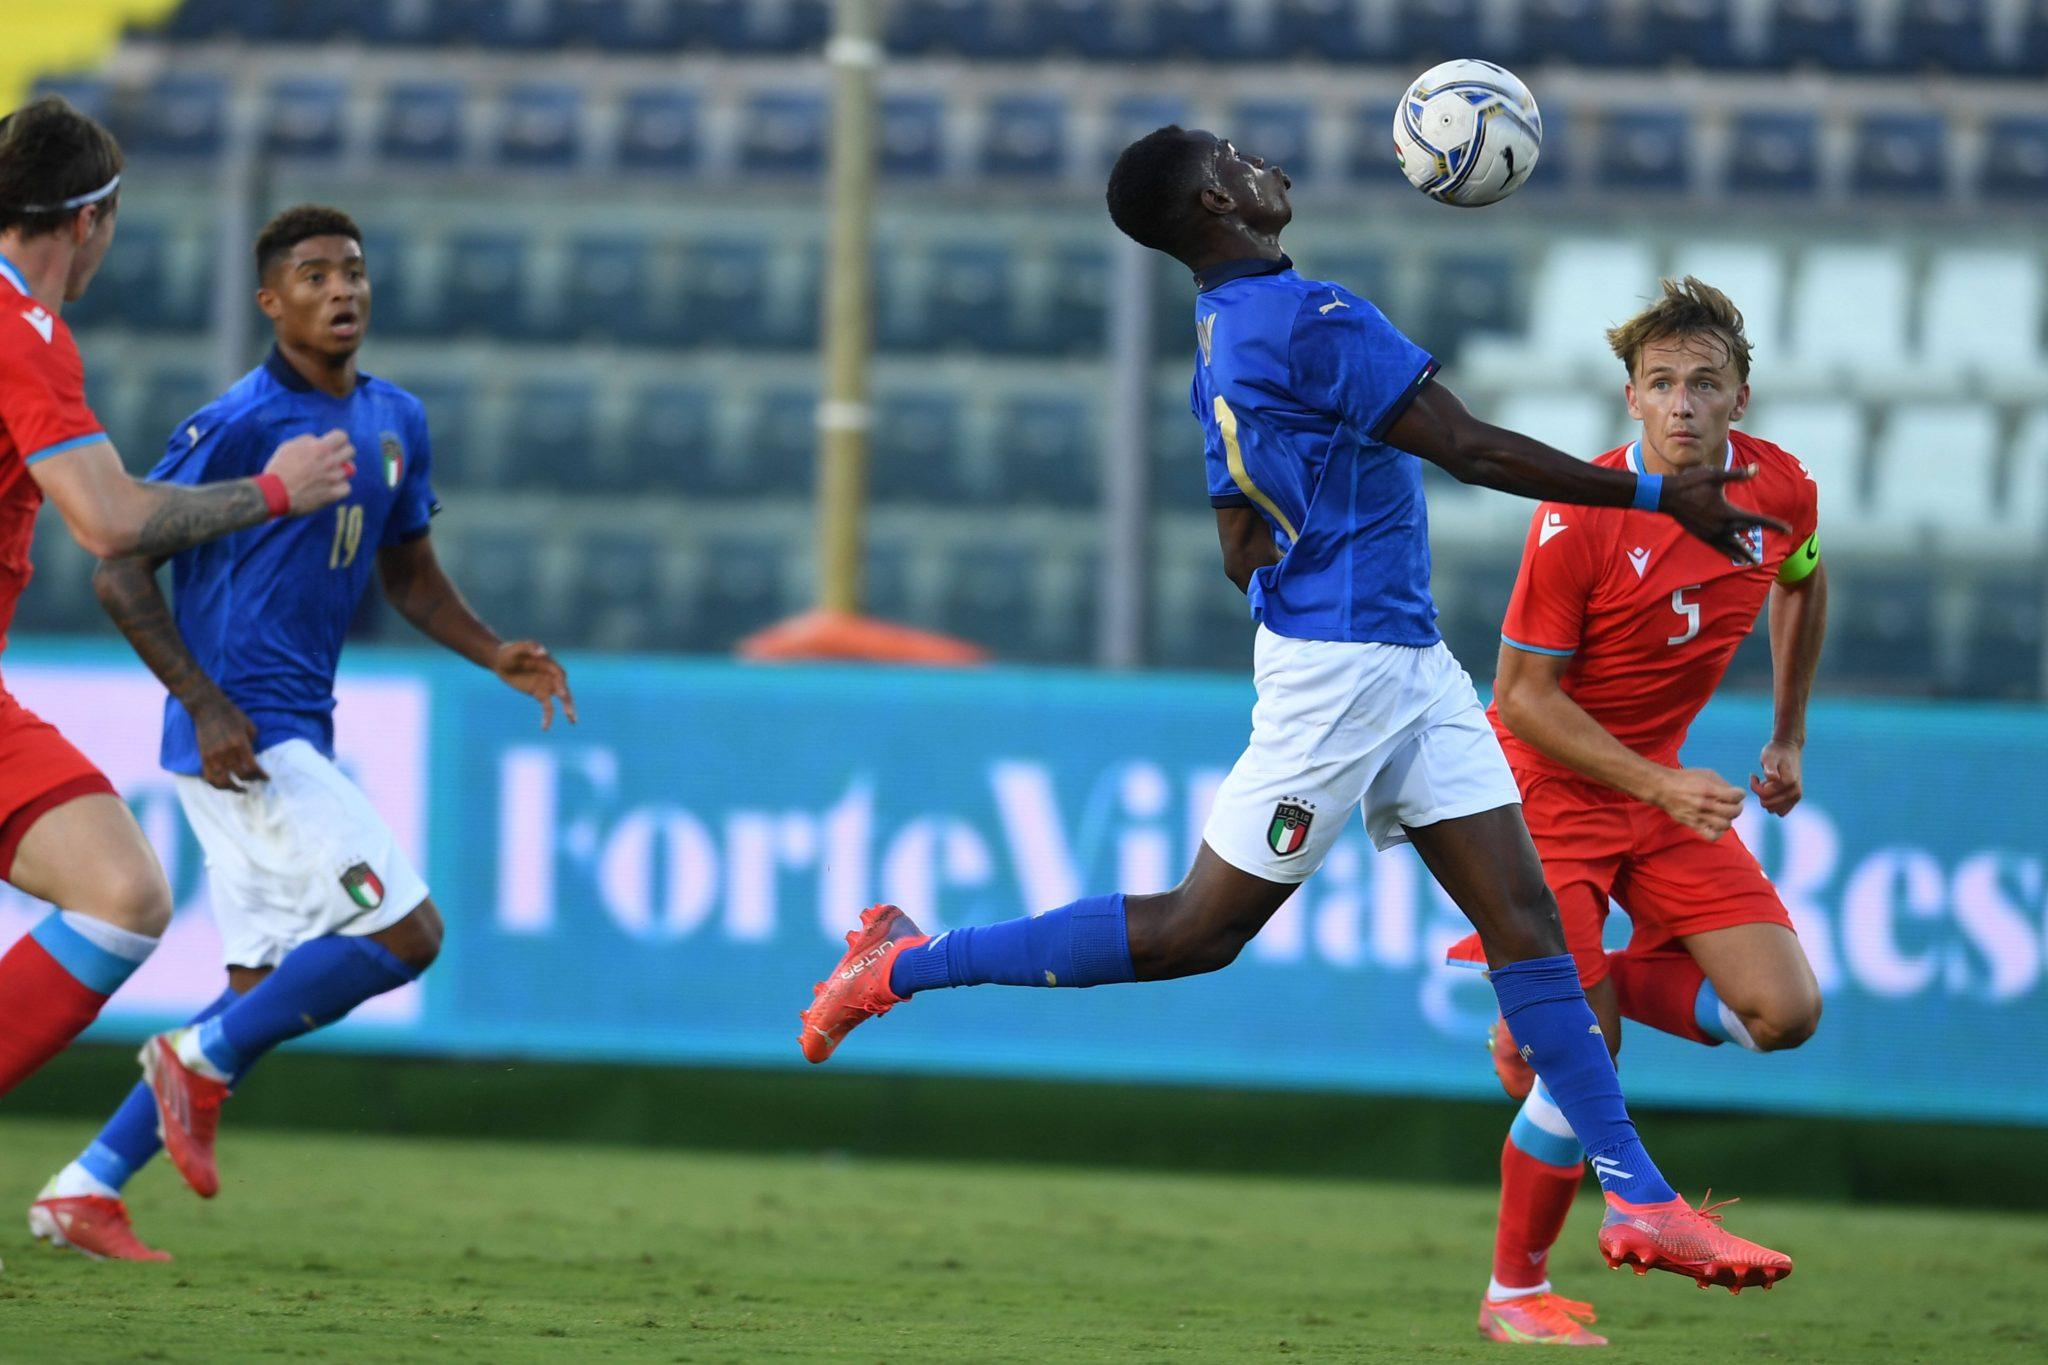 L'esordio di Kelvin Yeboah in Italia-Lussemburgo